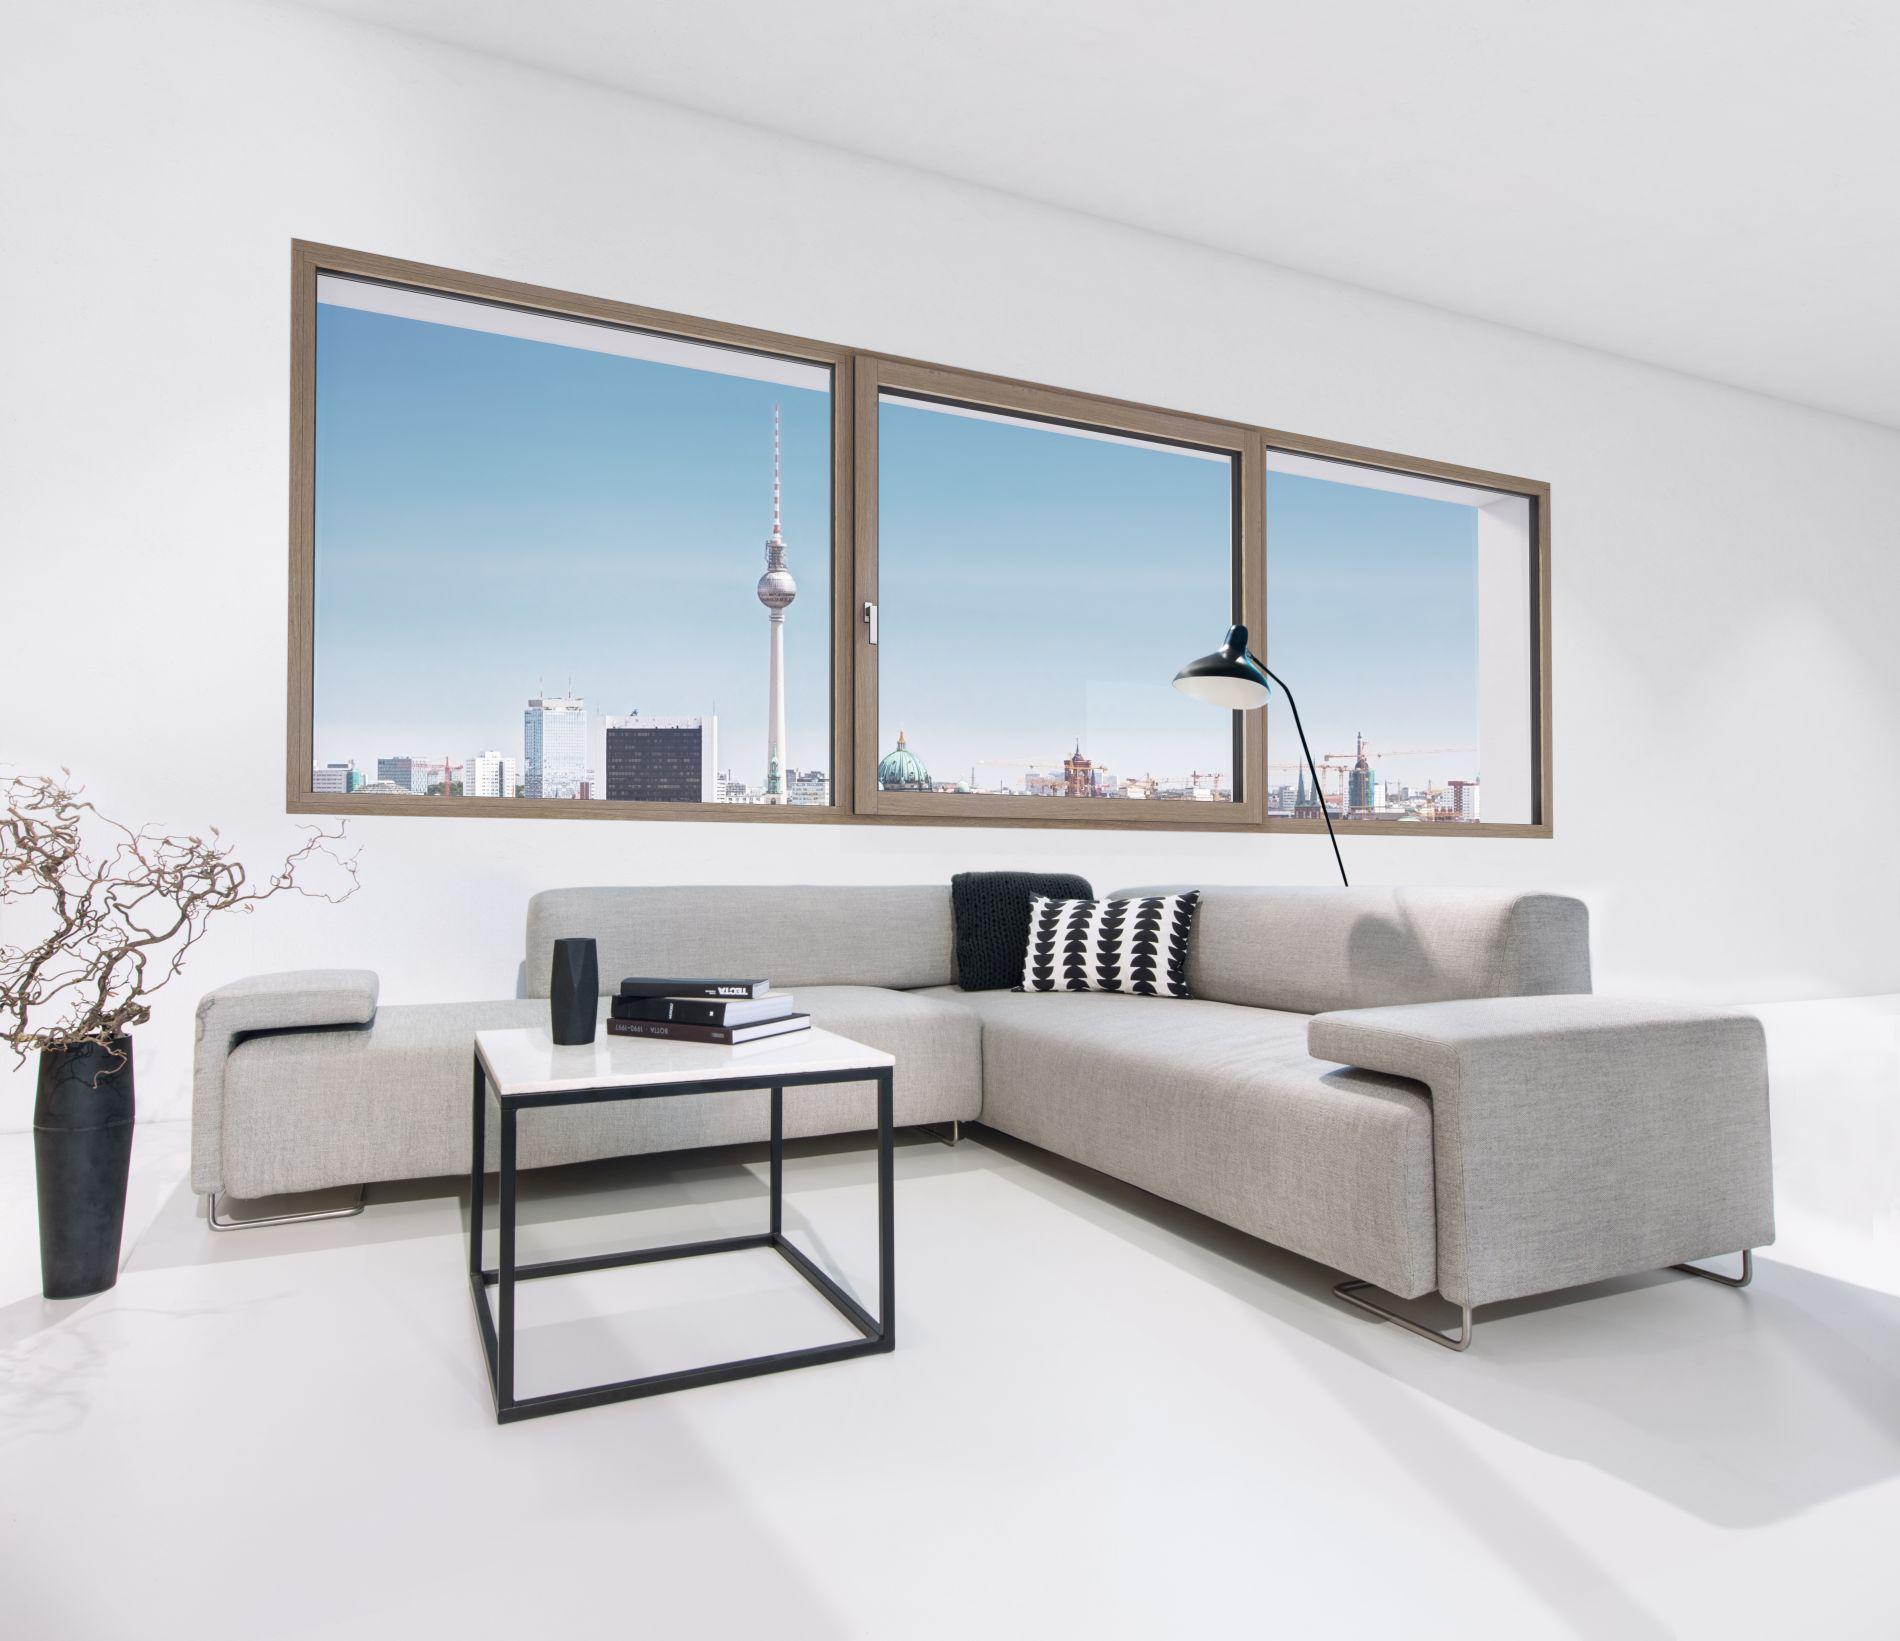 internorm hf 410 okno o drewnianym rdzeniu budowlane. Black Bedroom Furniture Sets. Home Design Ideas